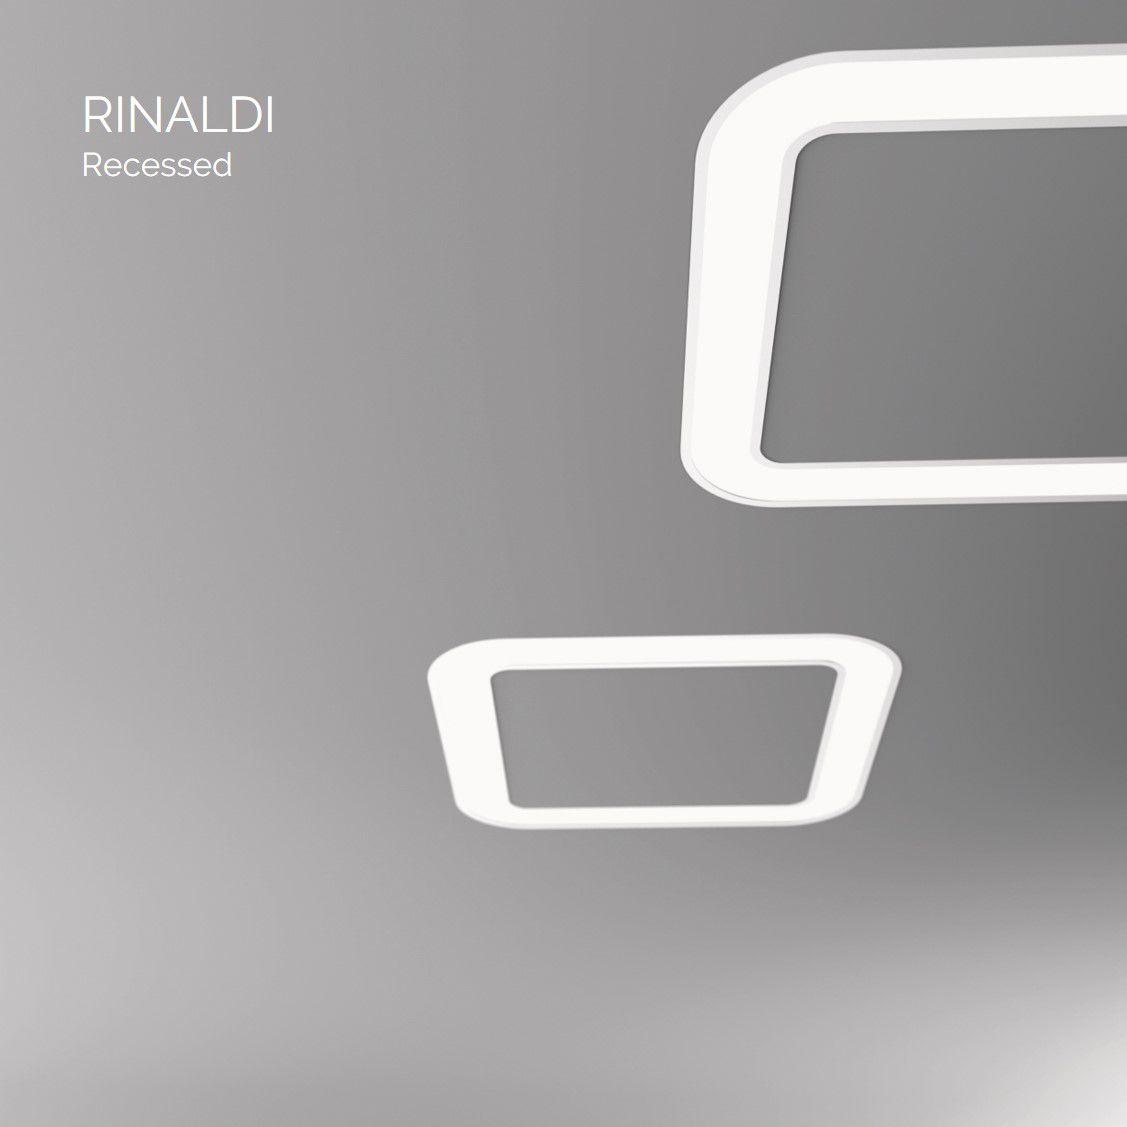 rinaldi inbouw armatuur vierkant 900mm 3000k 8216lm 105w dali